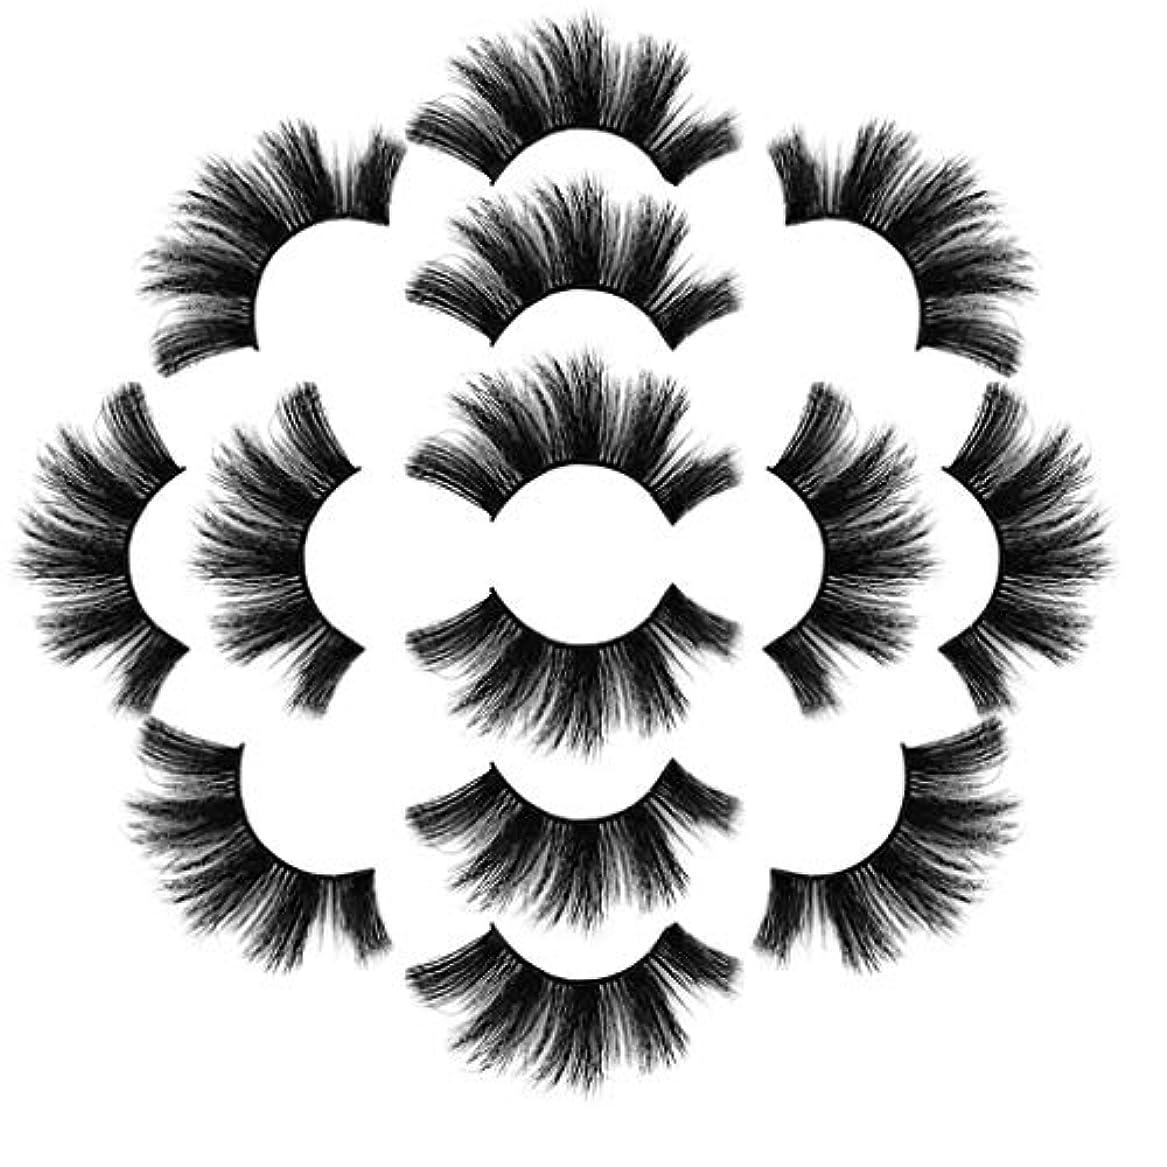 重なるアナニバー読むラグジュアリー7ペア8Dつけまつげふわふわストリップまつげロングナチュラルパーティーメイク